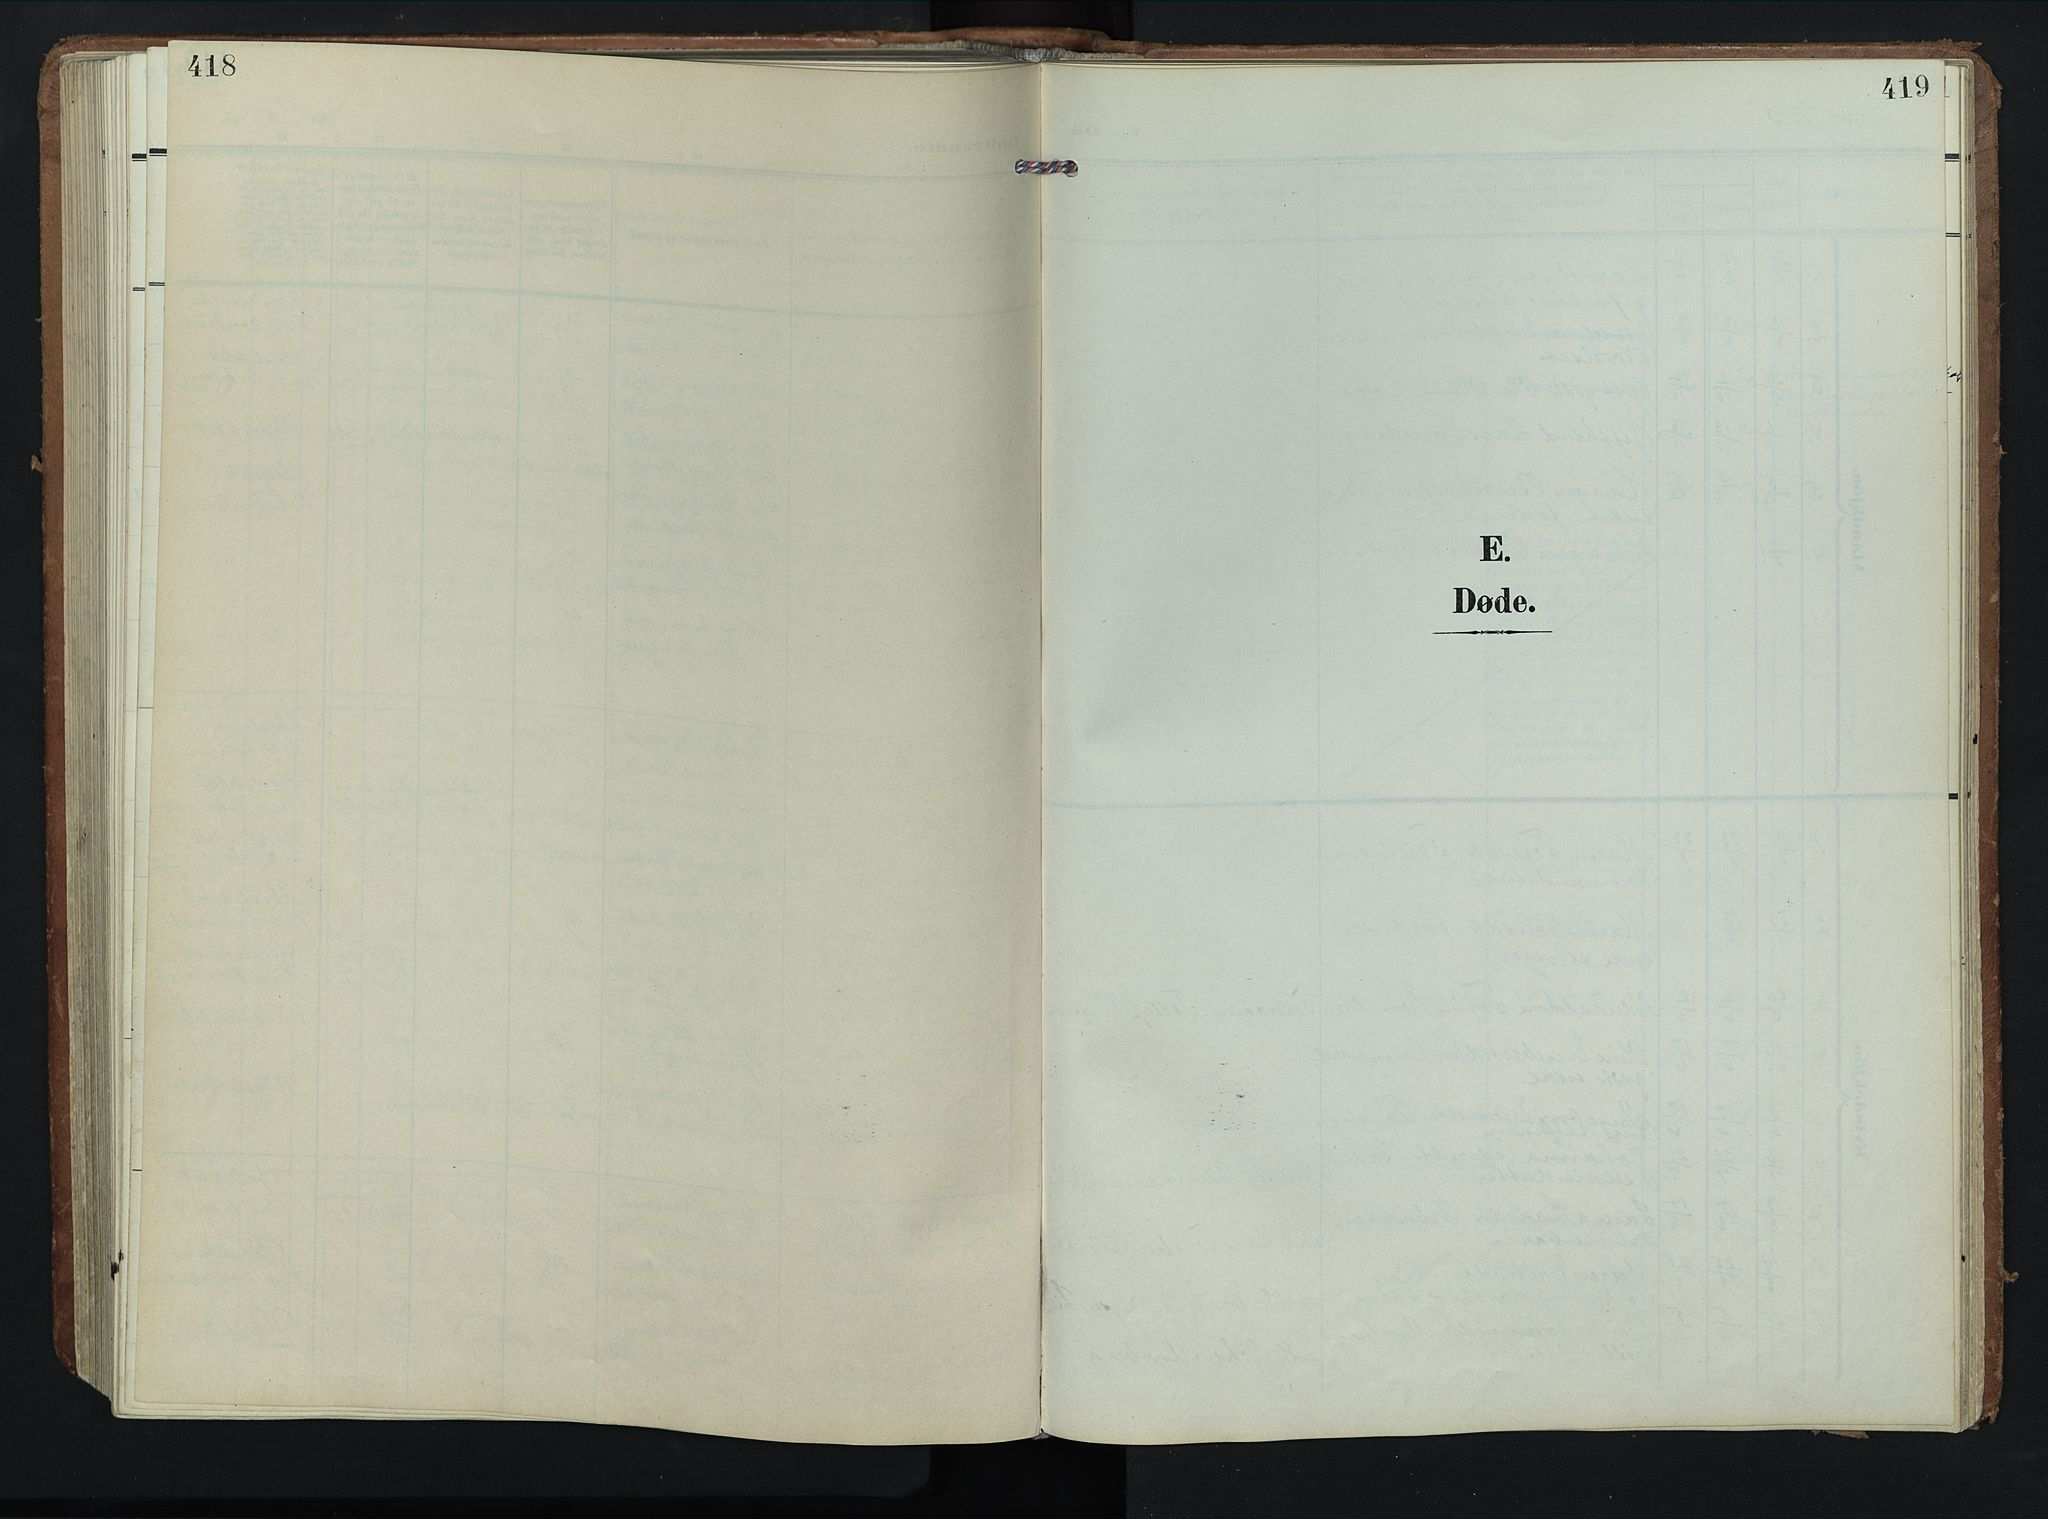 SAH, Rendalen prestekontor, H/Ha/Hab/L0004: Klokkerbok nr. 4, 1904-1946, s. 418-419